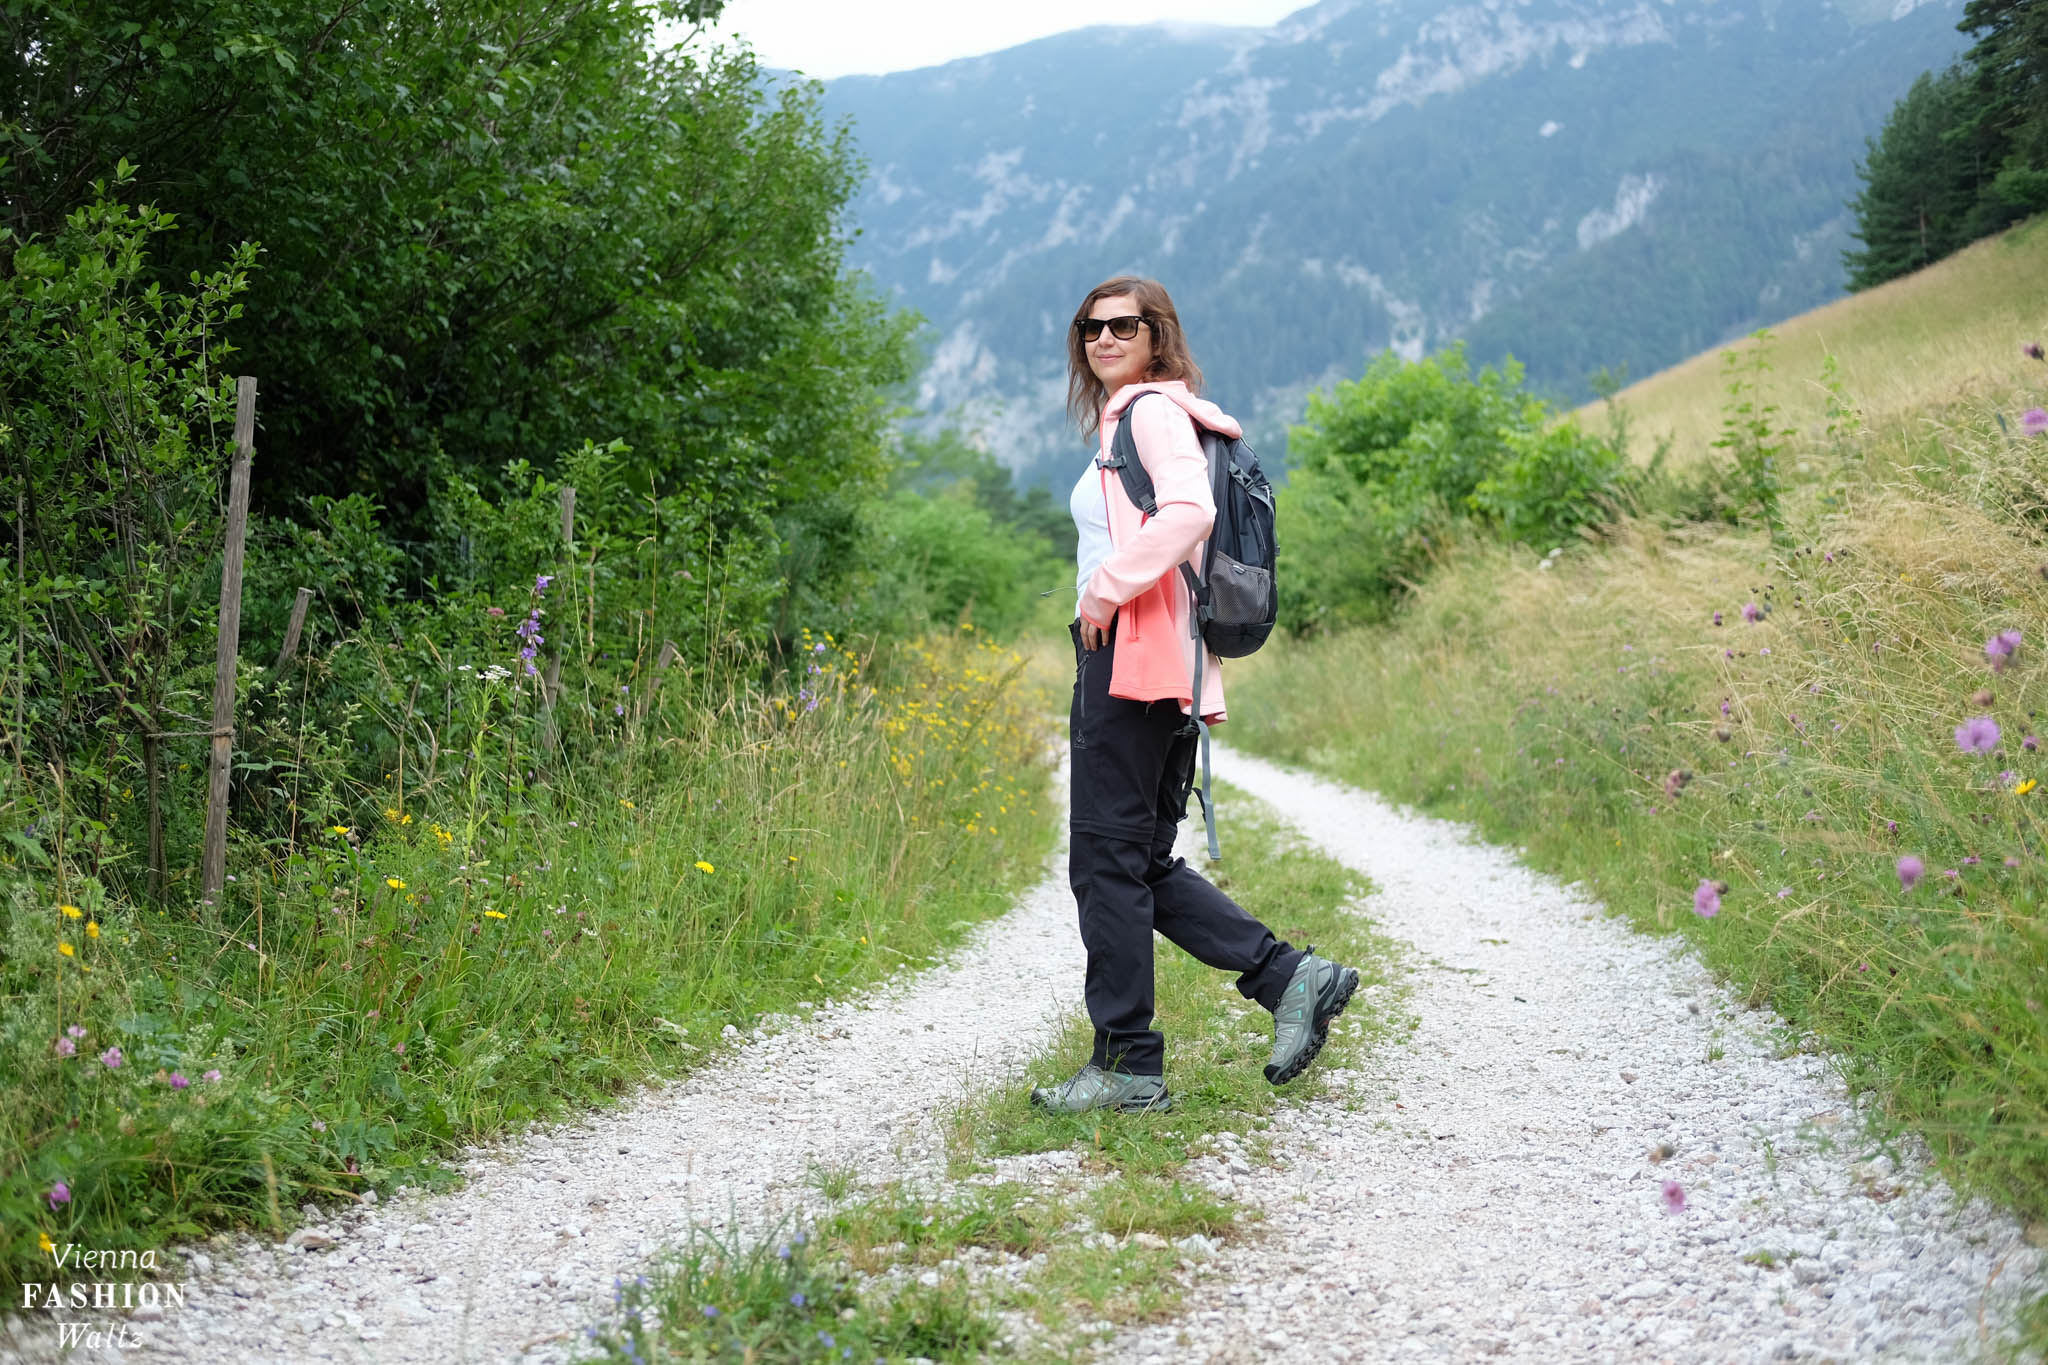 Wanderung Wanderausrüstung Odlo Jack Wolfskin Salomon Vienna Fashion Waltz